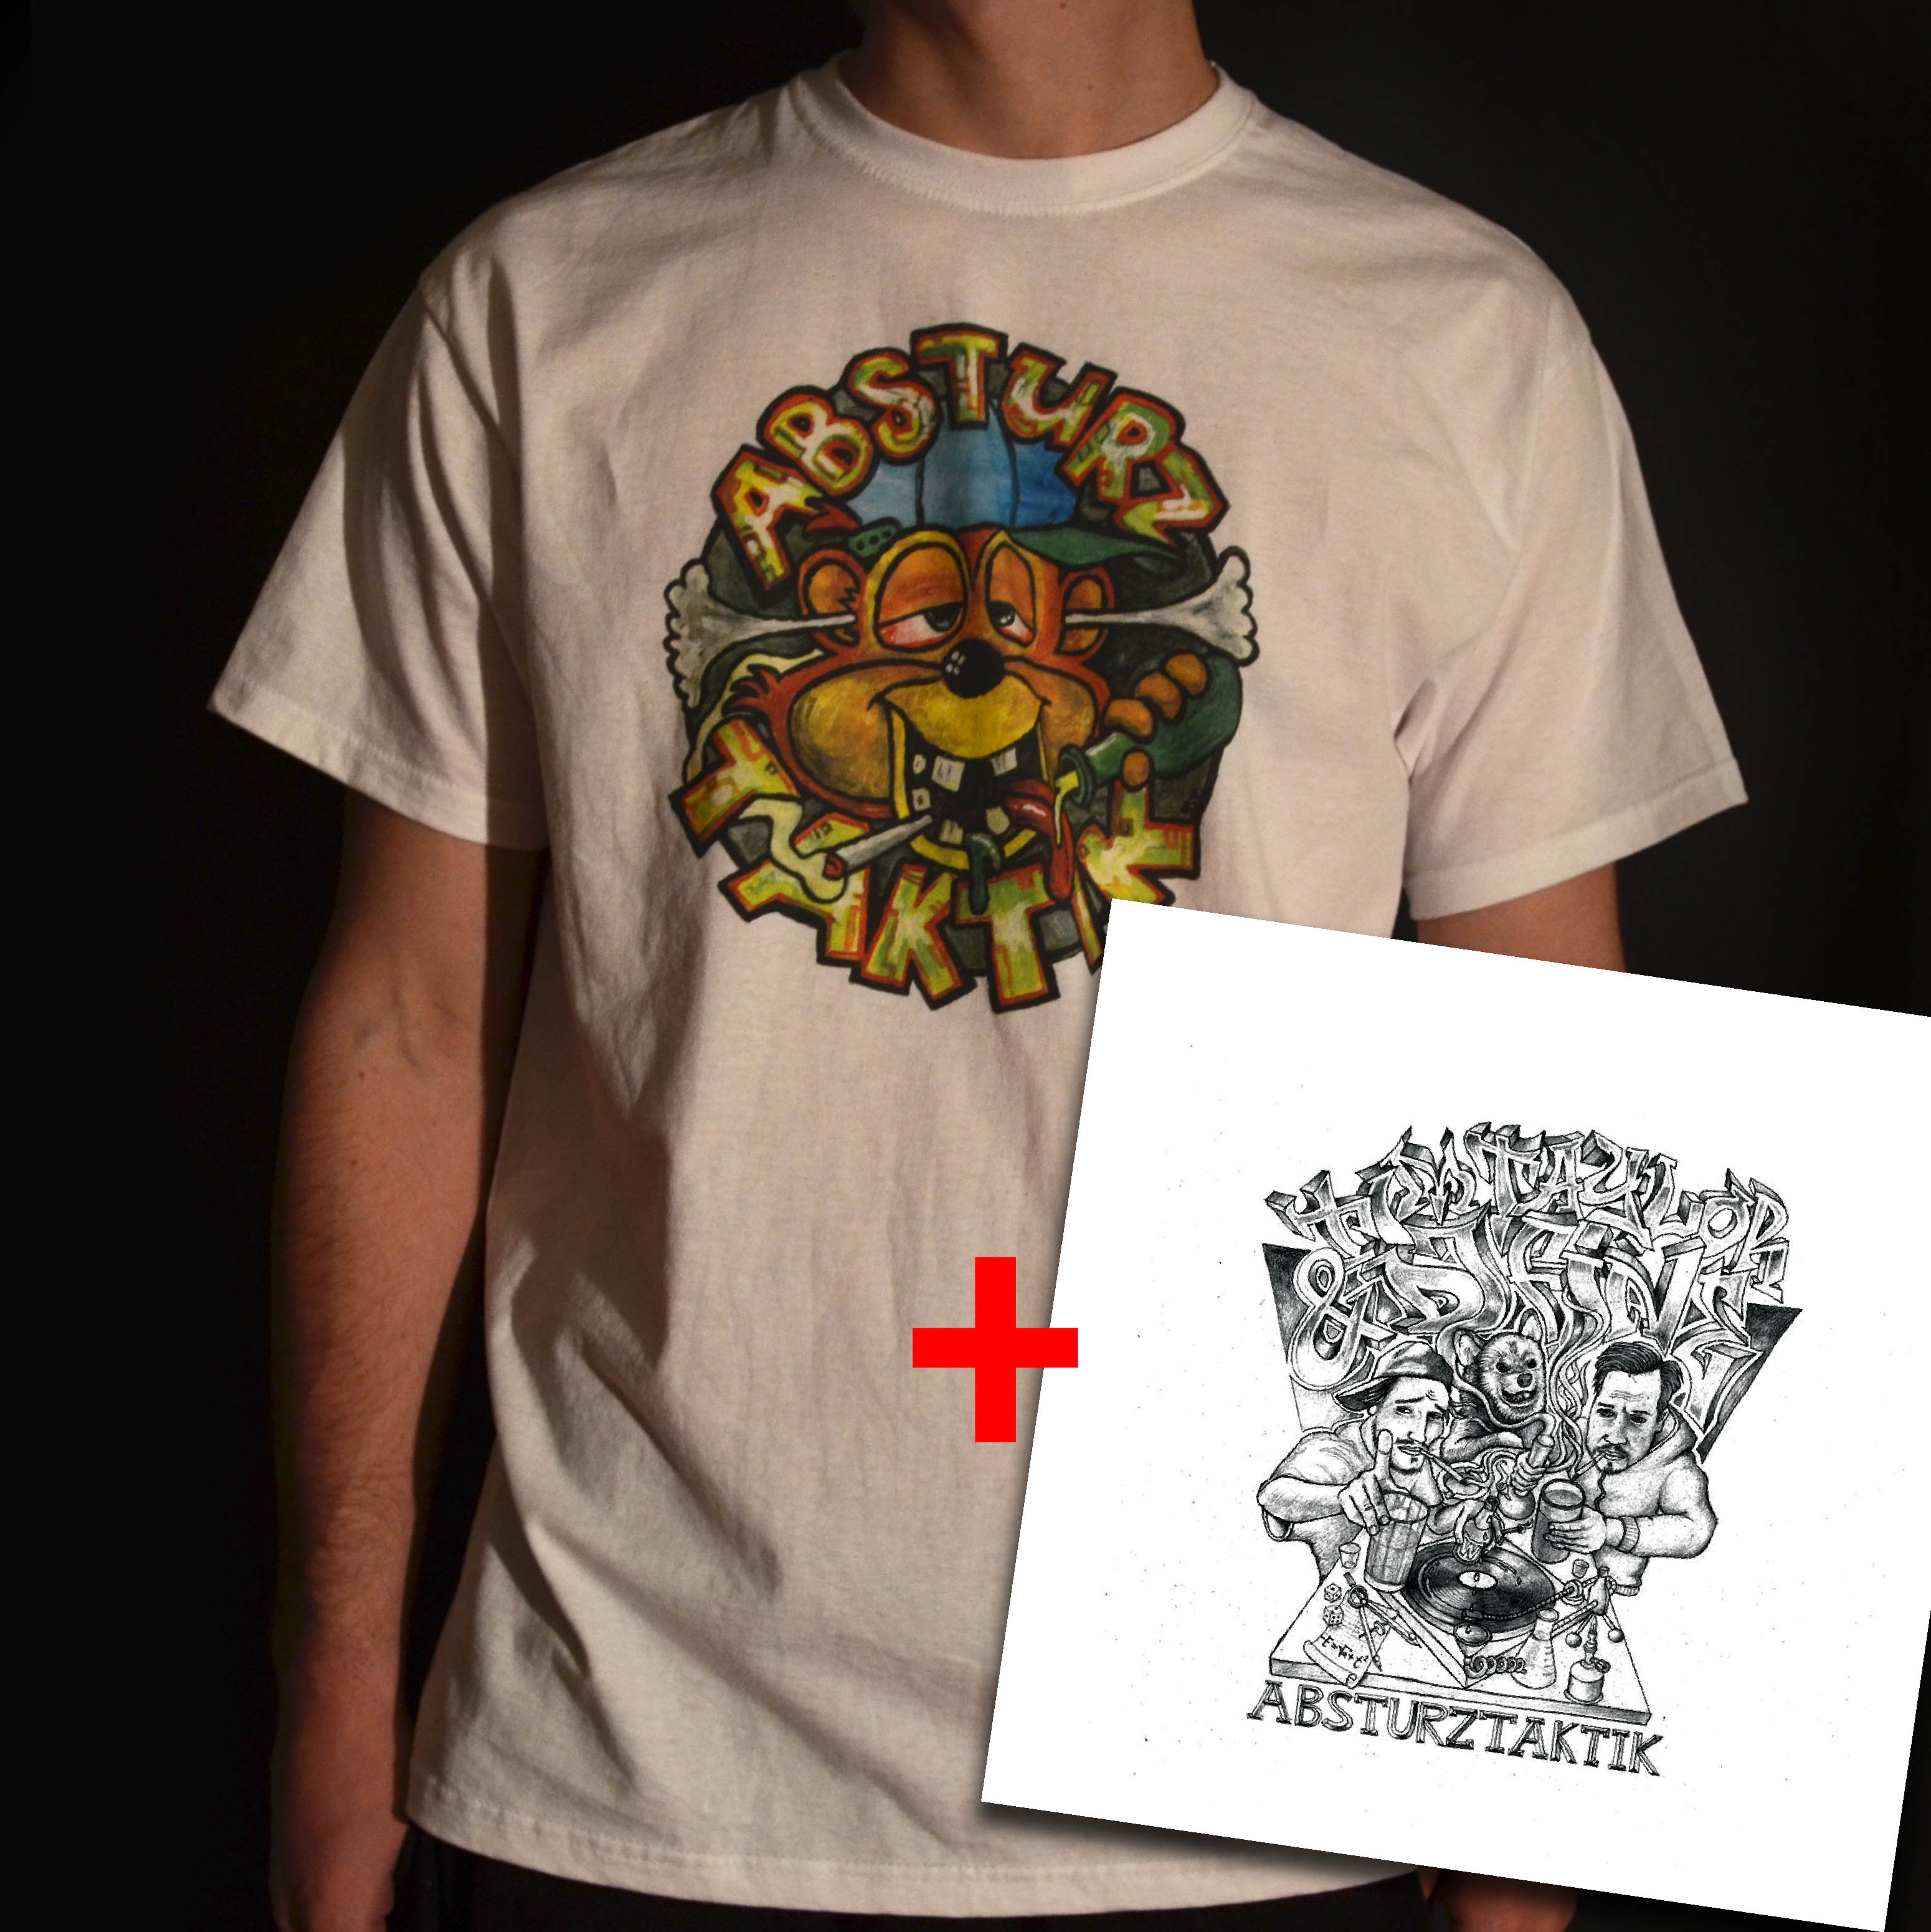 absturztaktik_shirtbundle copy